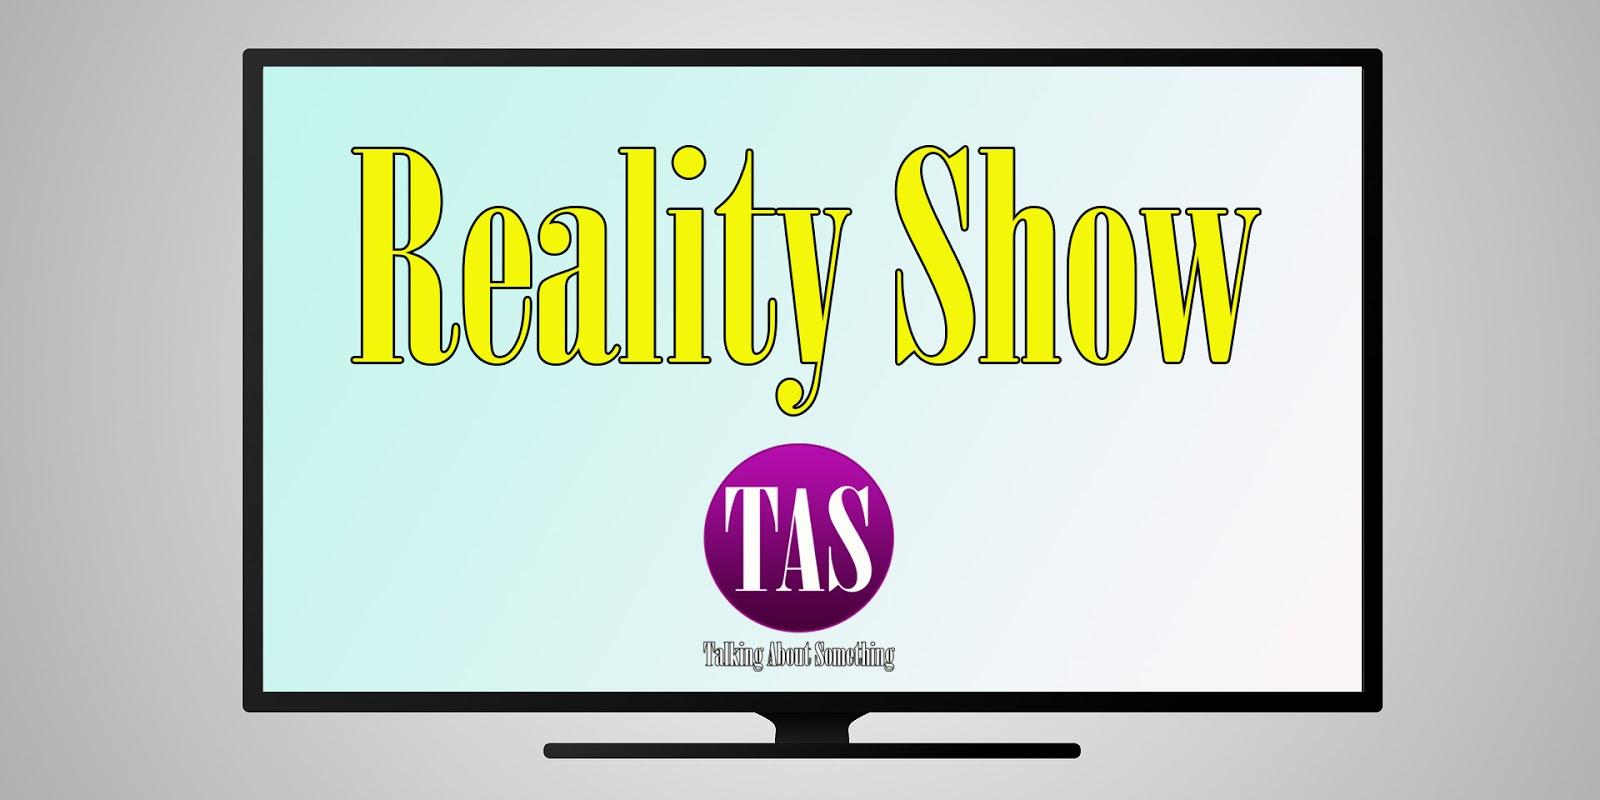 Reality Show: Curto, Comento e Compartilho. Por que não?